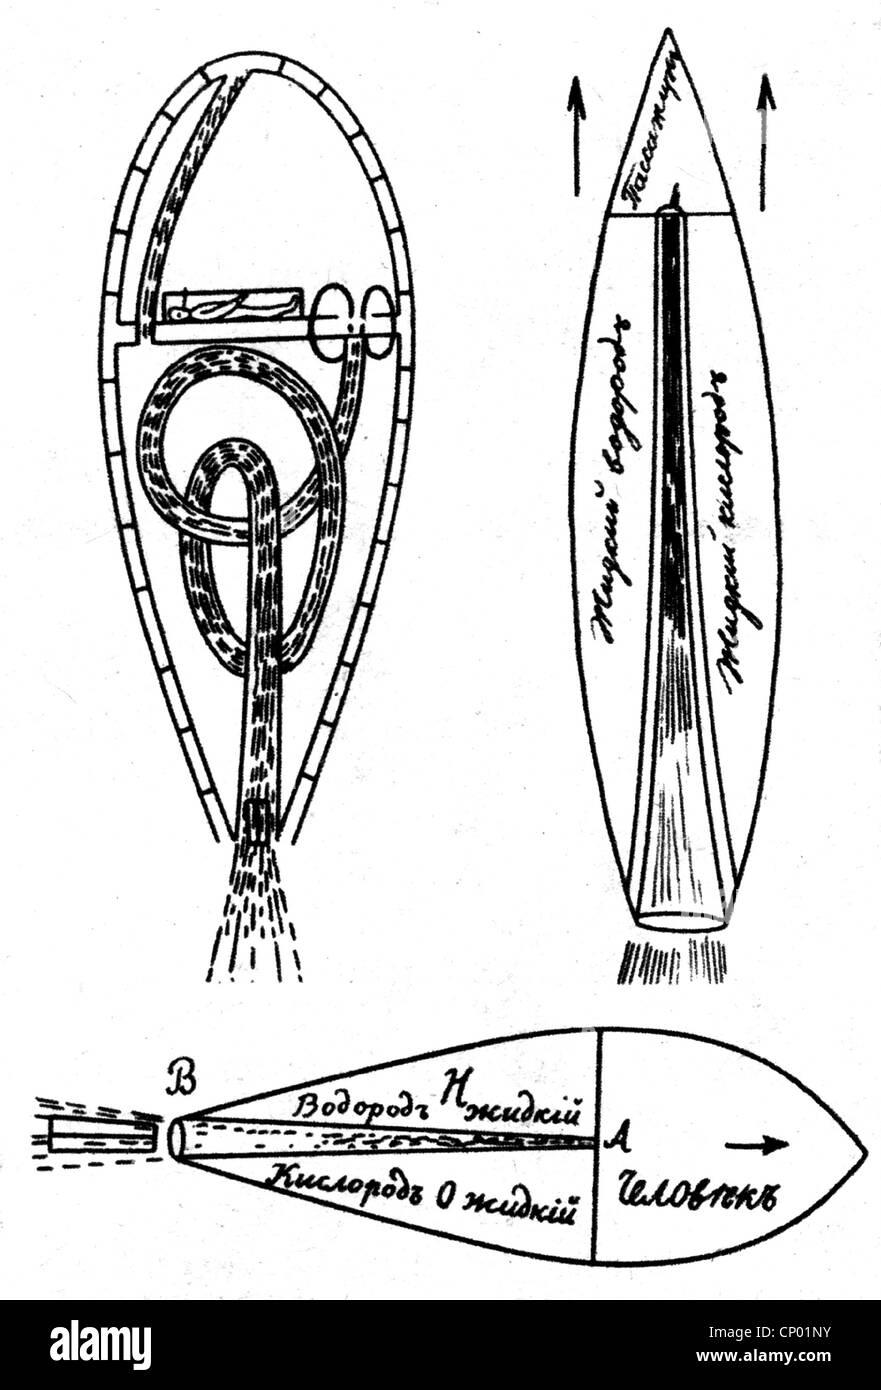 Tsiolkovskii, Konstantin Eduardovich, 17.9.1857 - 19.9.1935, Physicien, mathématicien russe, concept d'une fusée Banque D'Images